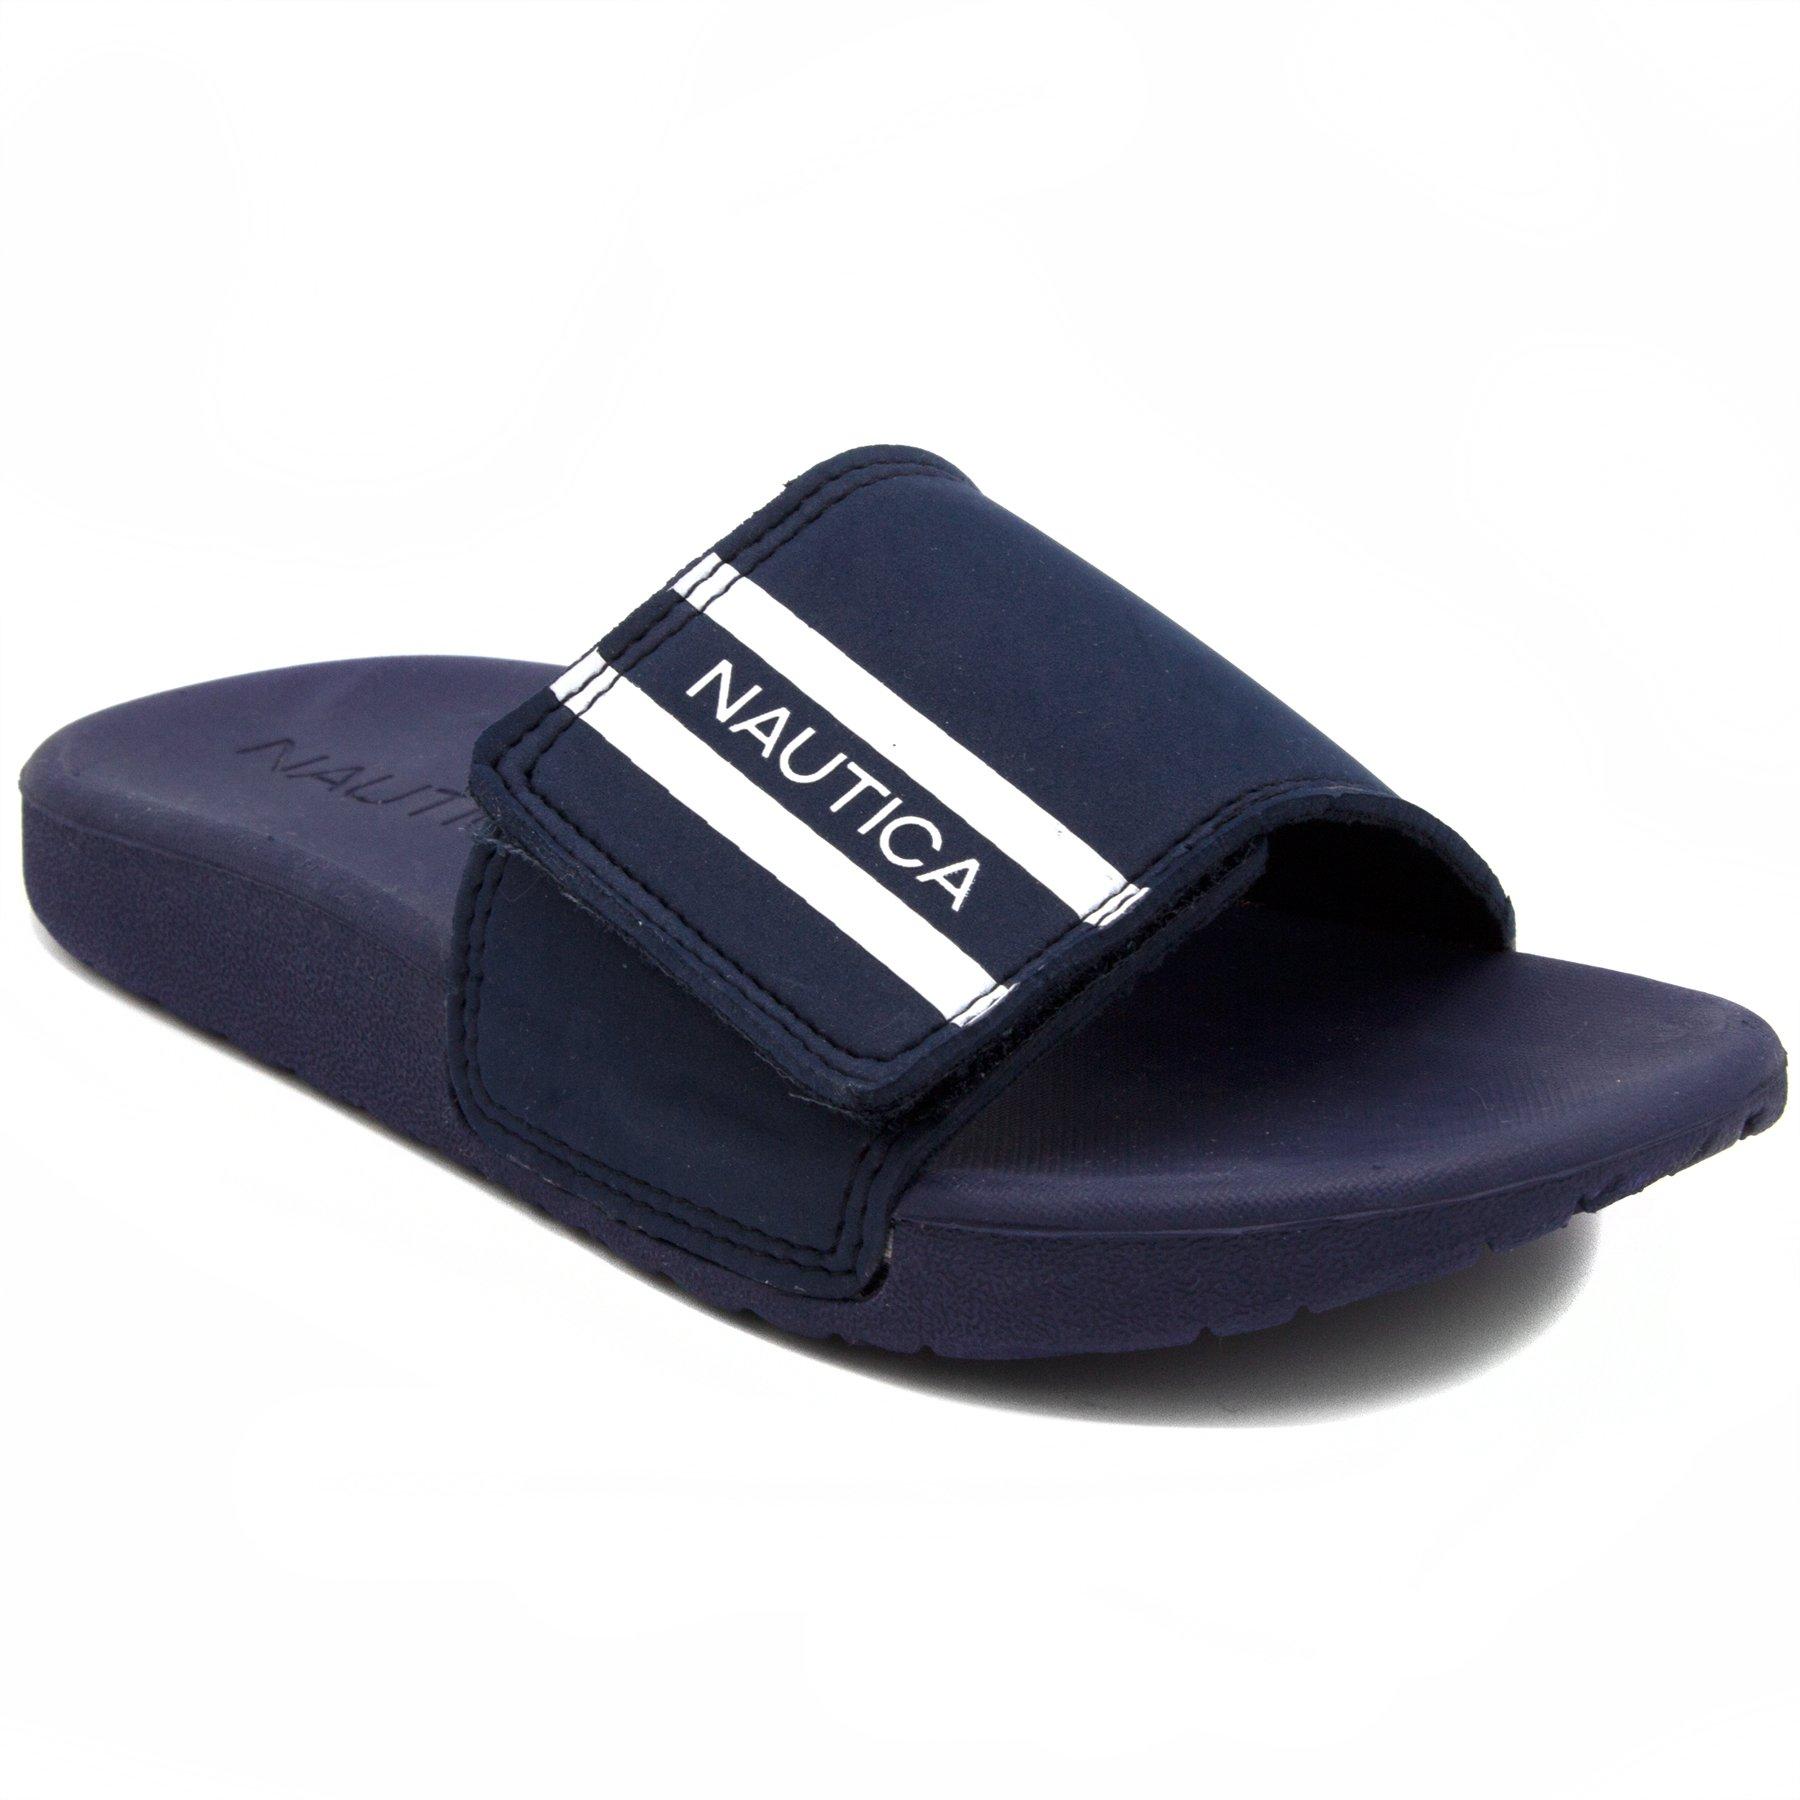 Nautica Kids Slip-On Sandal Athletic Slide-Cecil-Navy/White-5